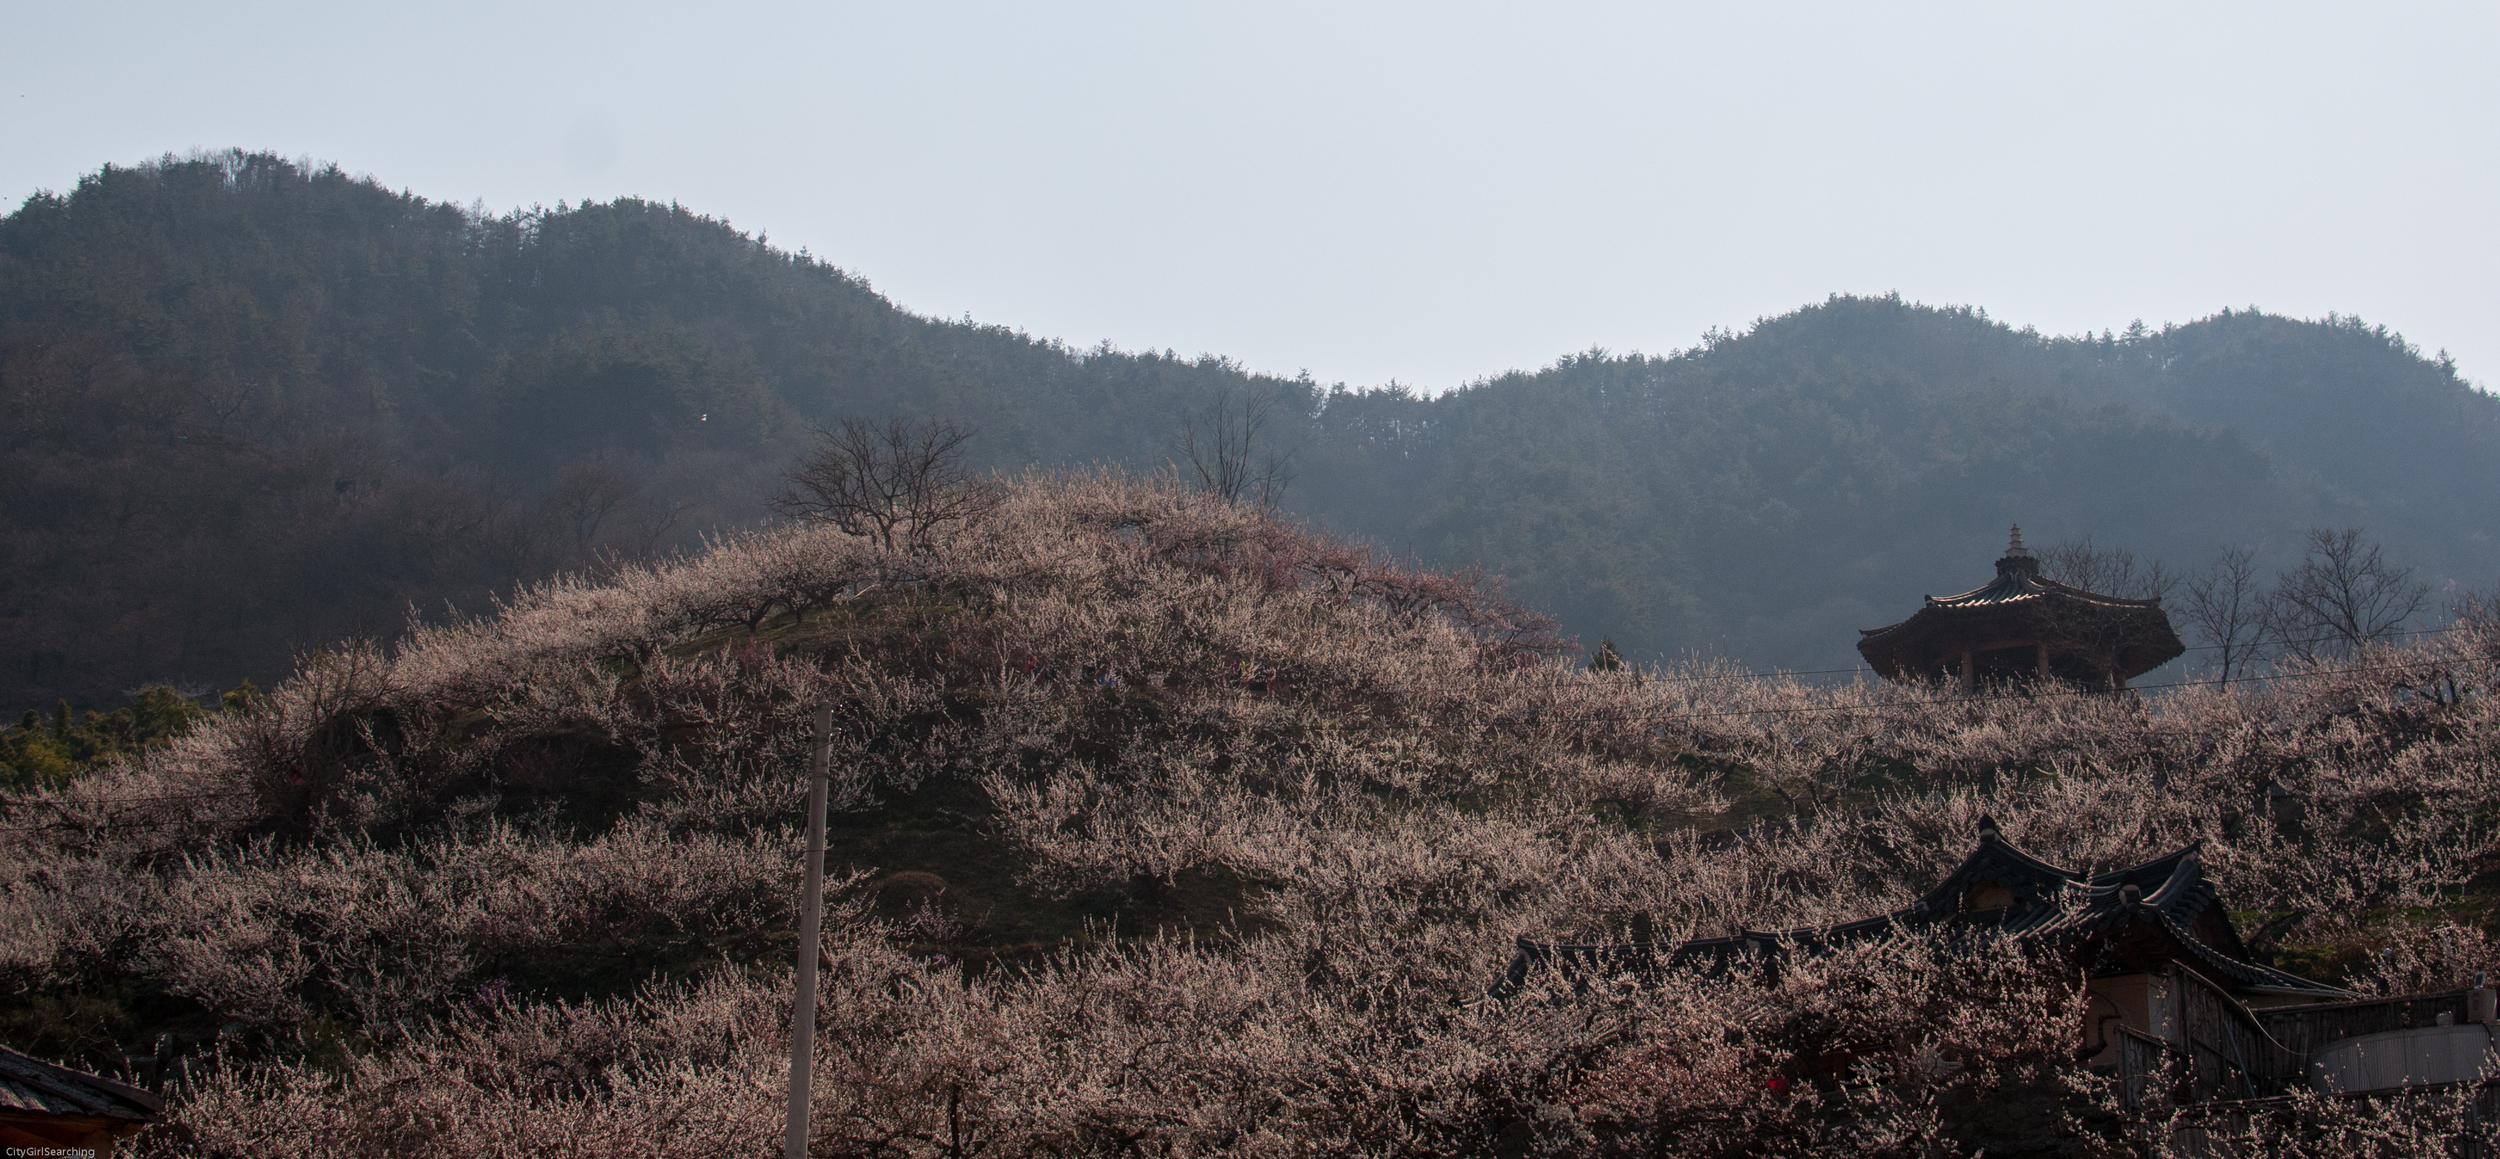 SouthKoreaCherryBlossomsMaewhaFestivalCityGirlSearching (16 of 22).jpg